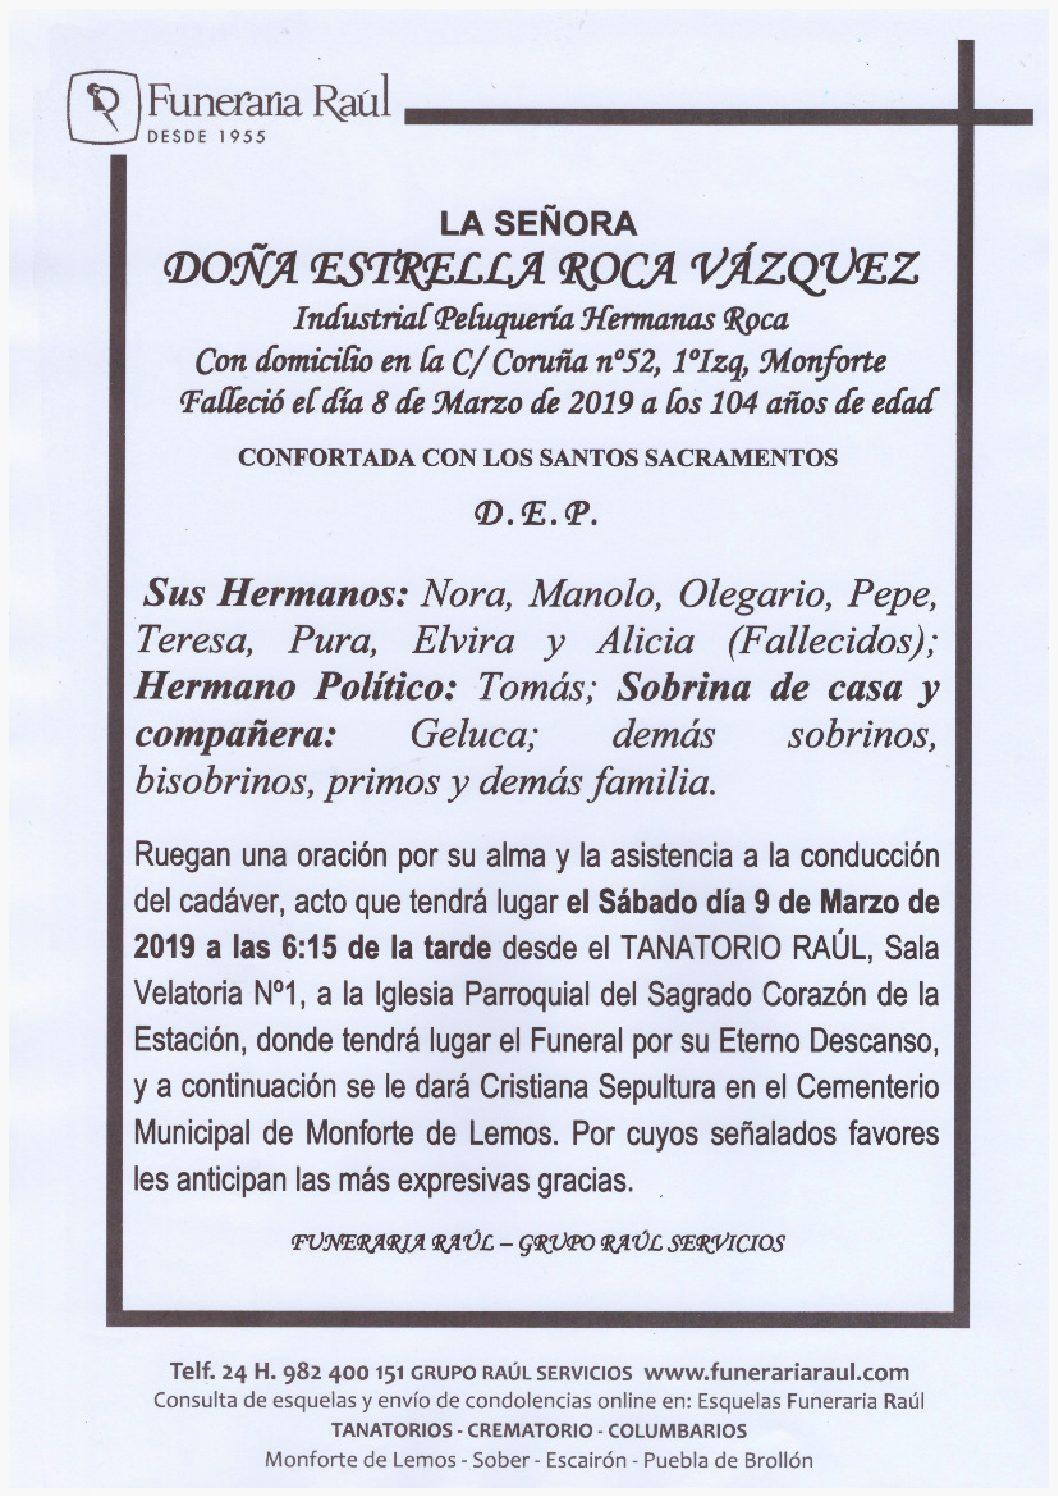 DOÑA ESTRELLA ROCA VAZQUEZ